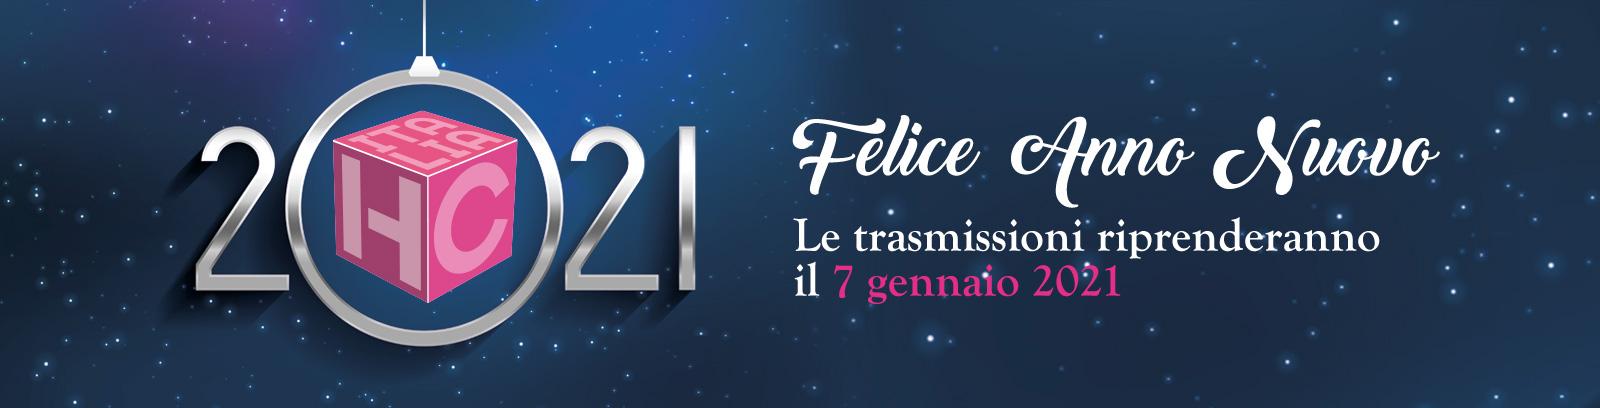 HCI-Buone-Feste-2021